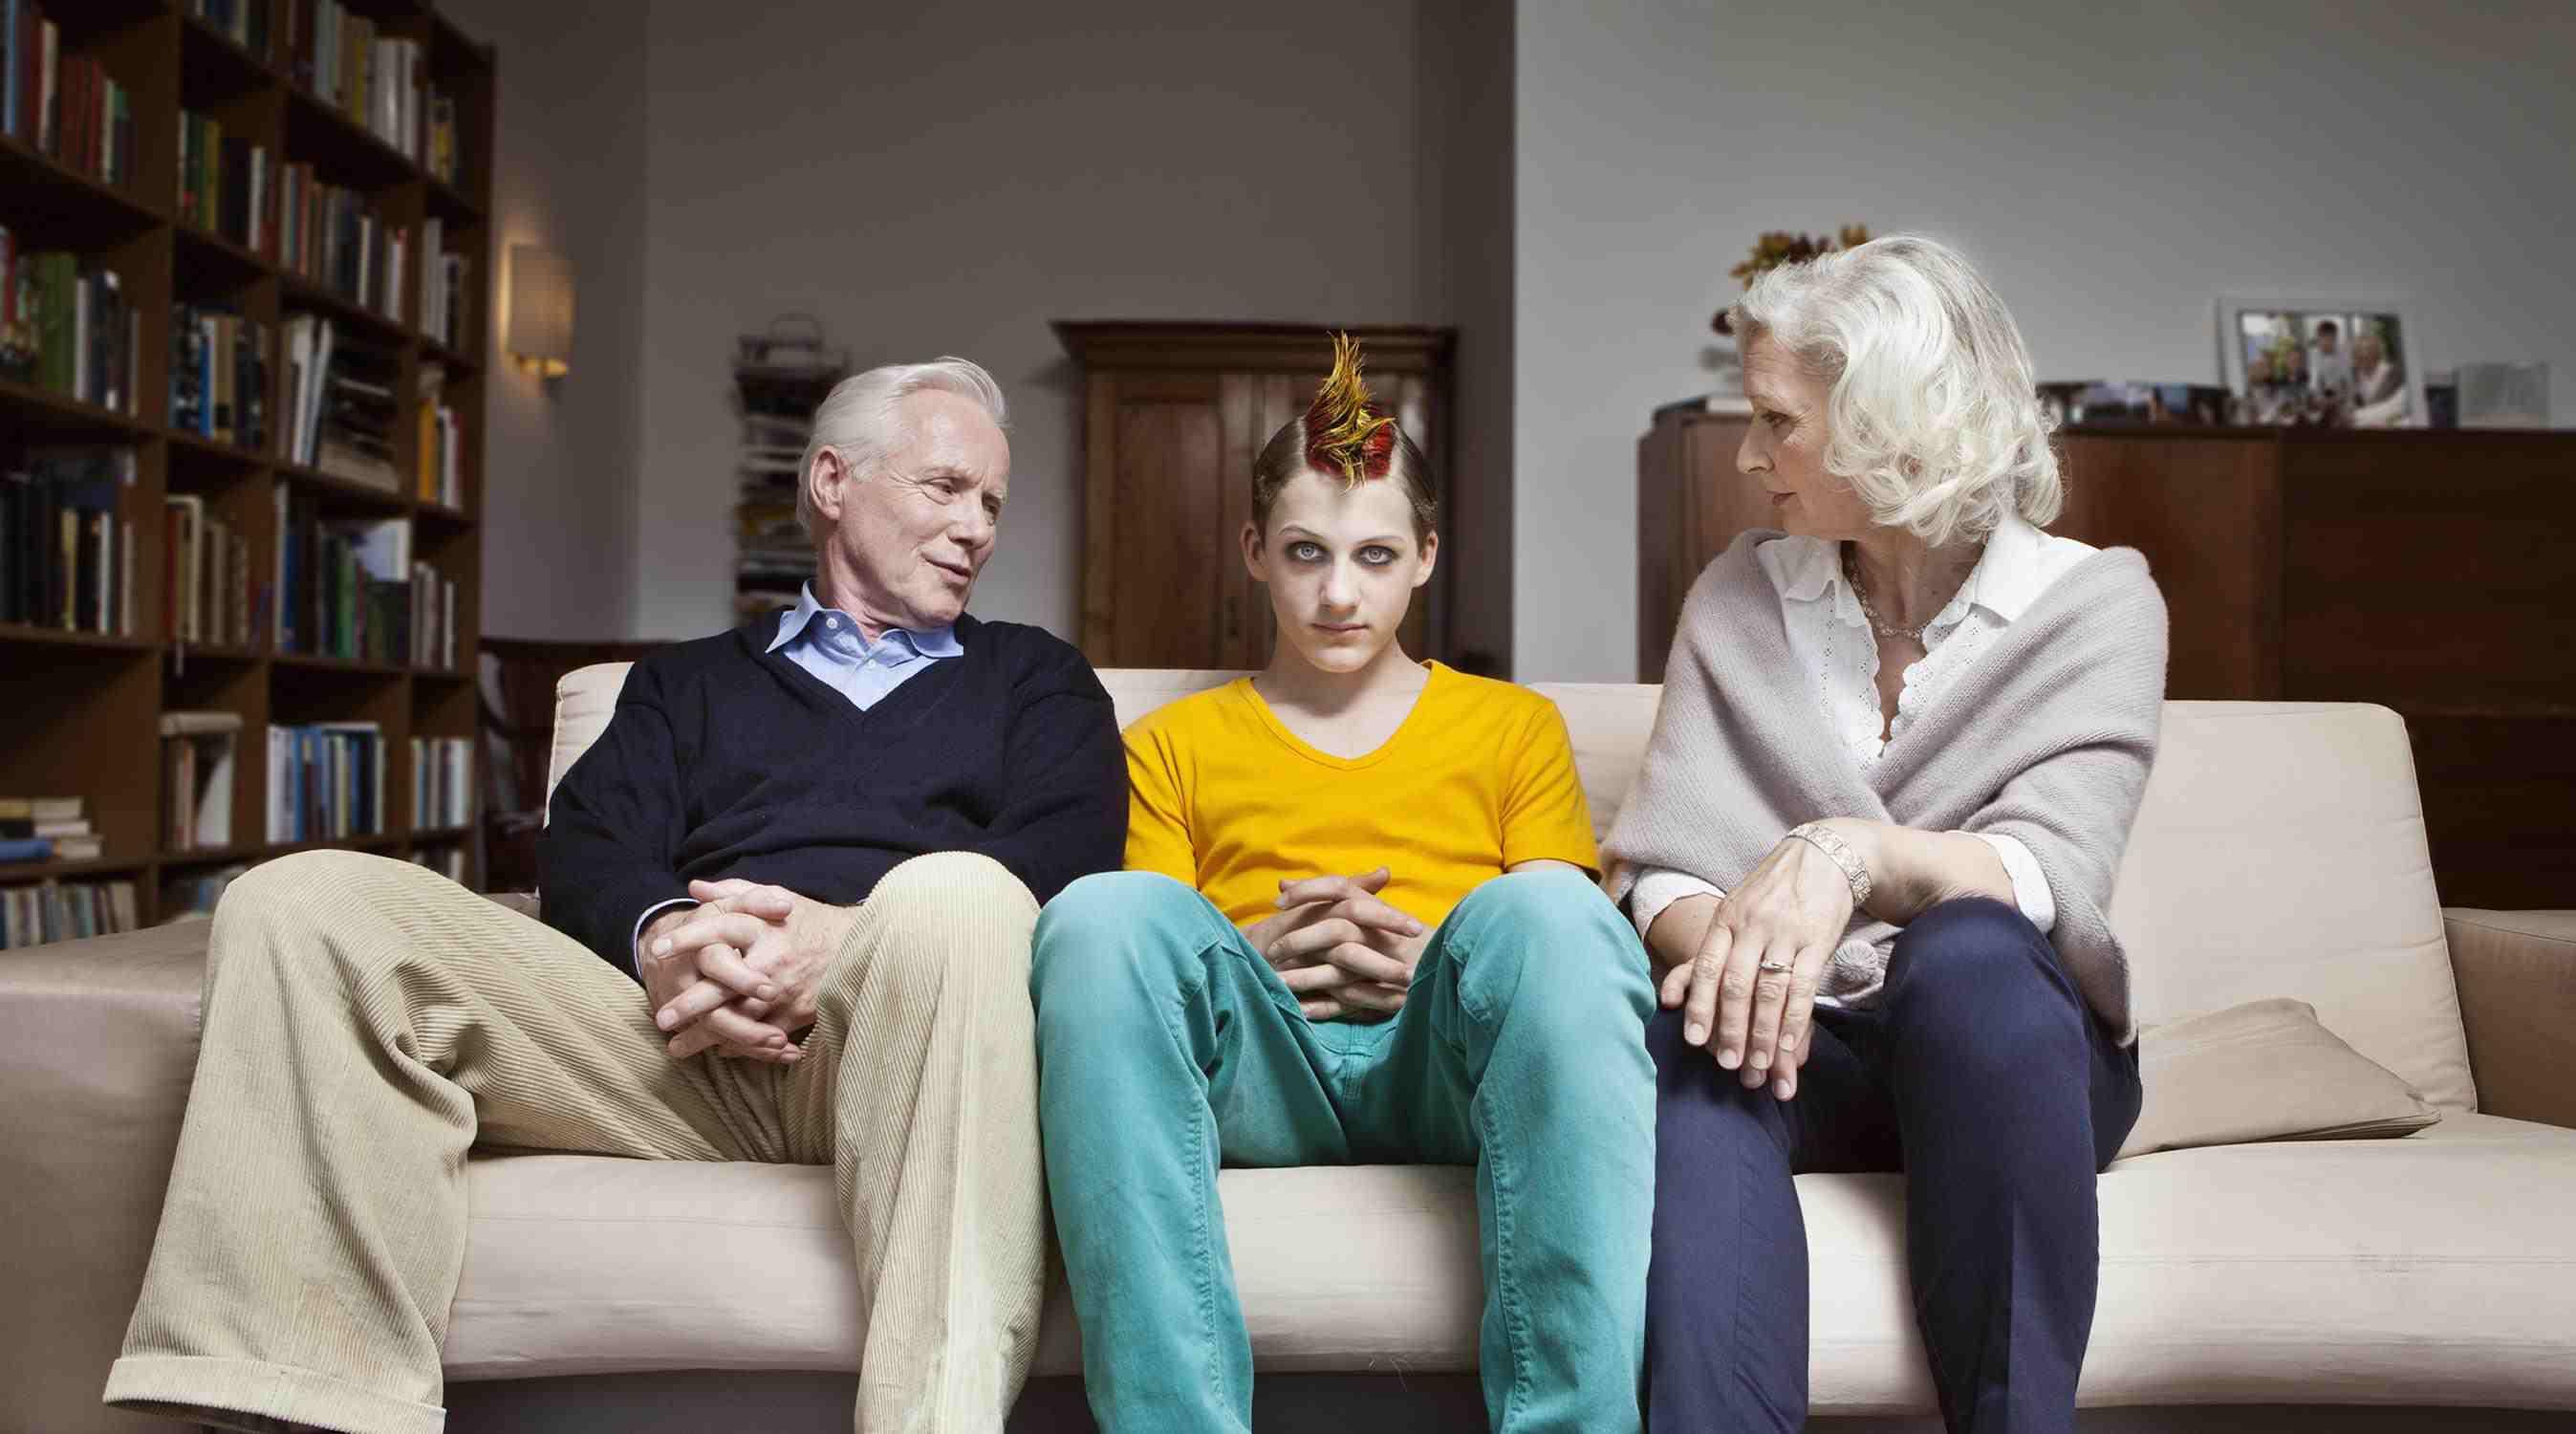 Ein Bild von älter Eltern mit ihren jüngeren Teenagern, der einen Irokesenschnitt hat